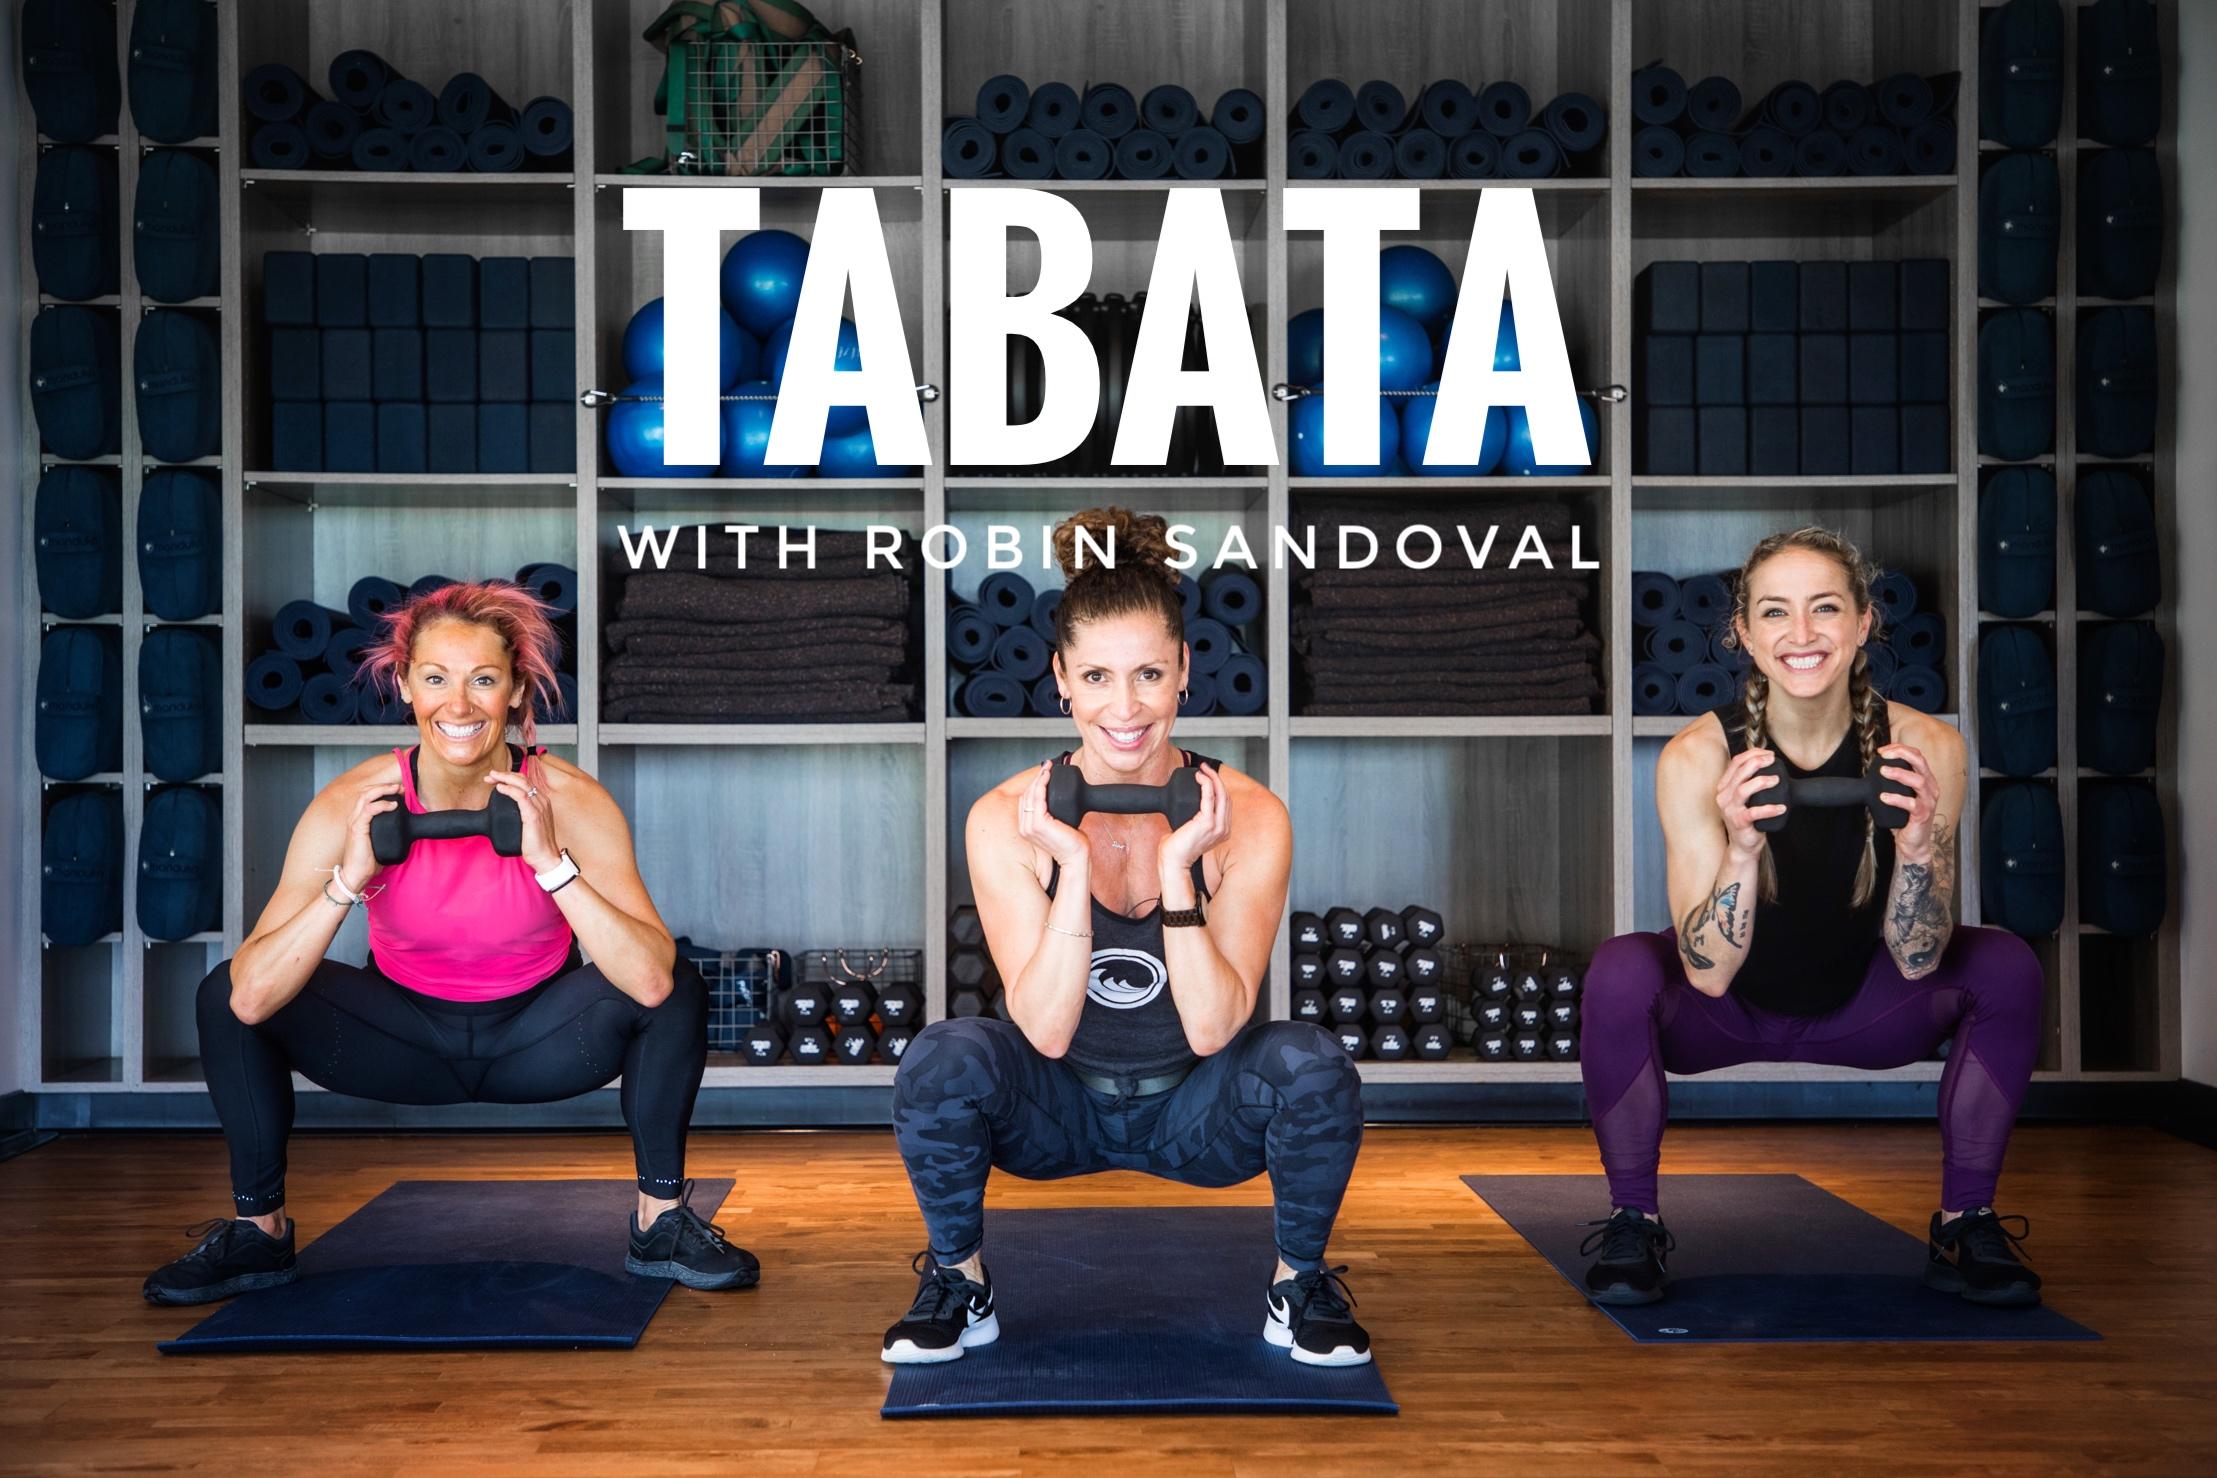 Tabata with Robin Sandoval